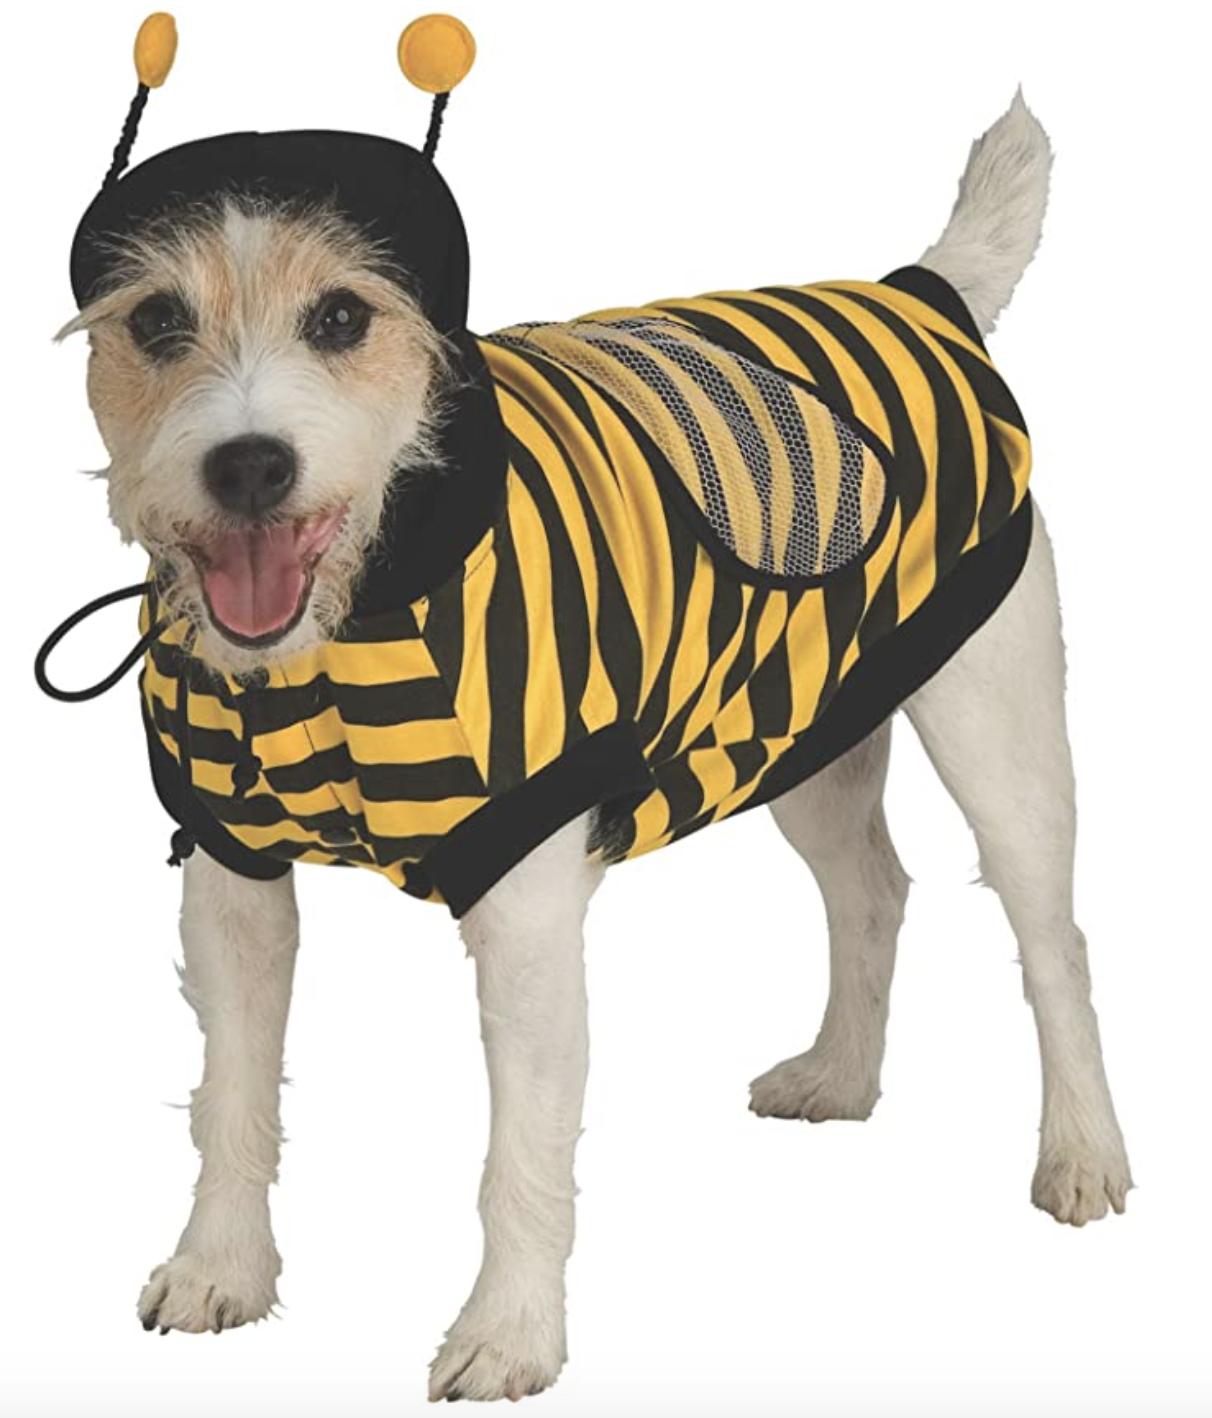 Dog Bumblebee costume